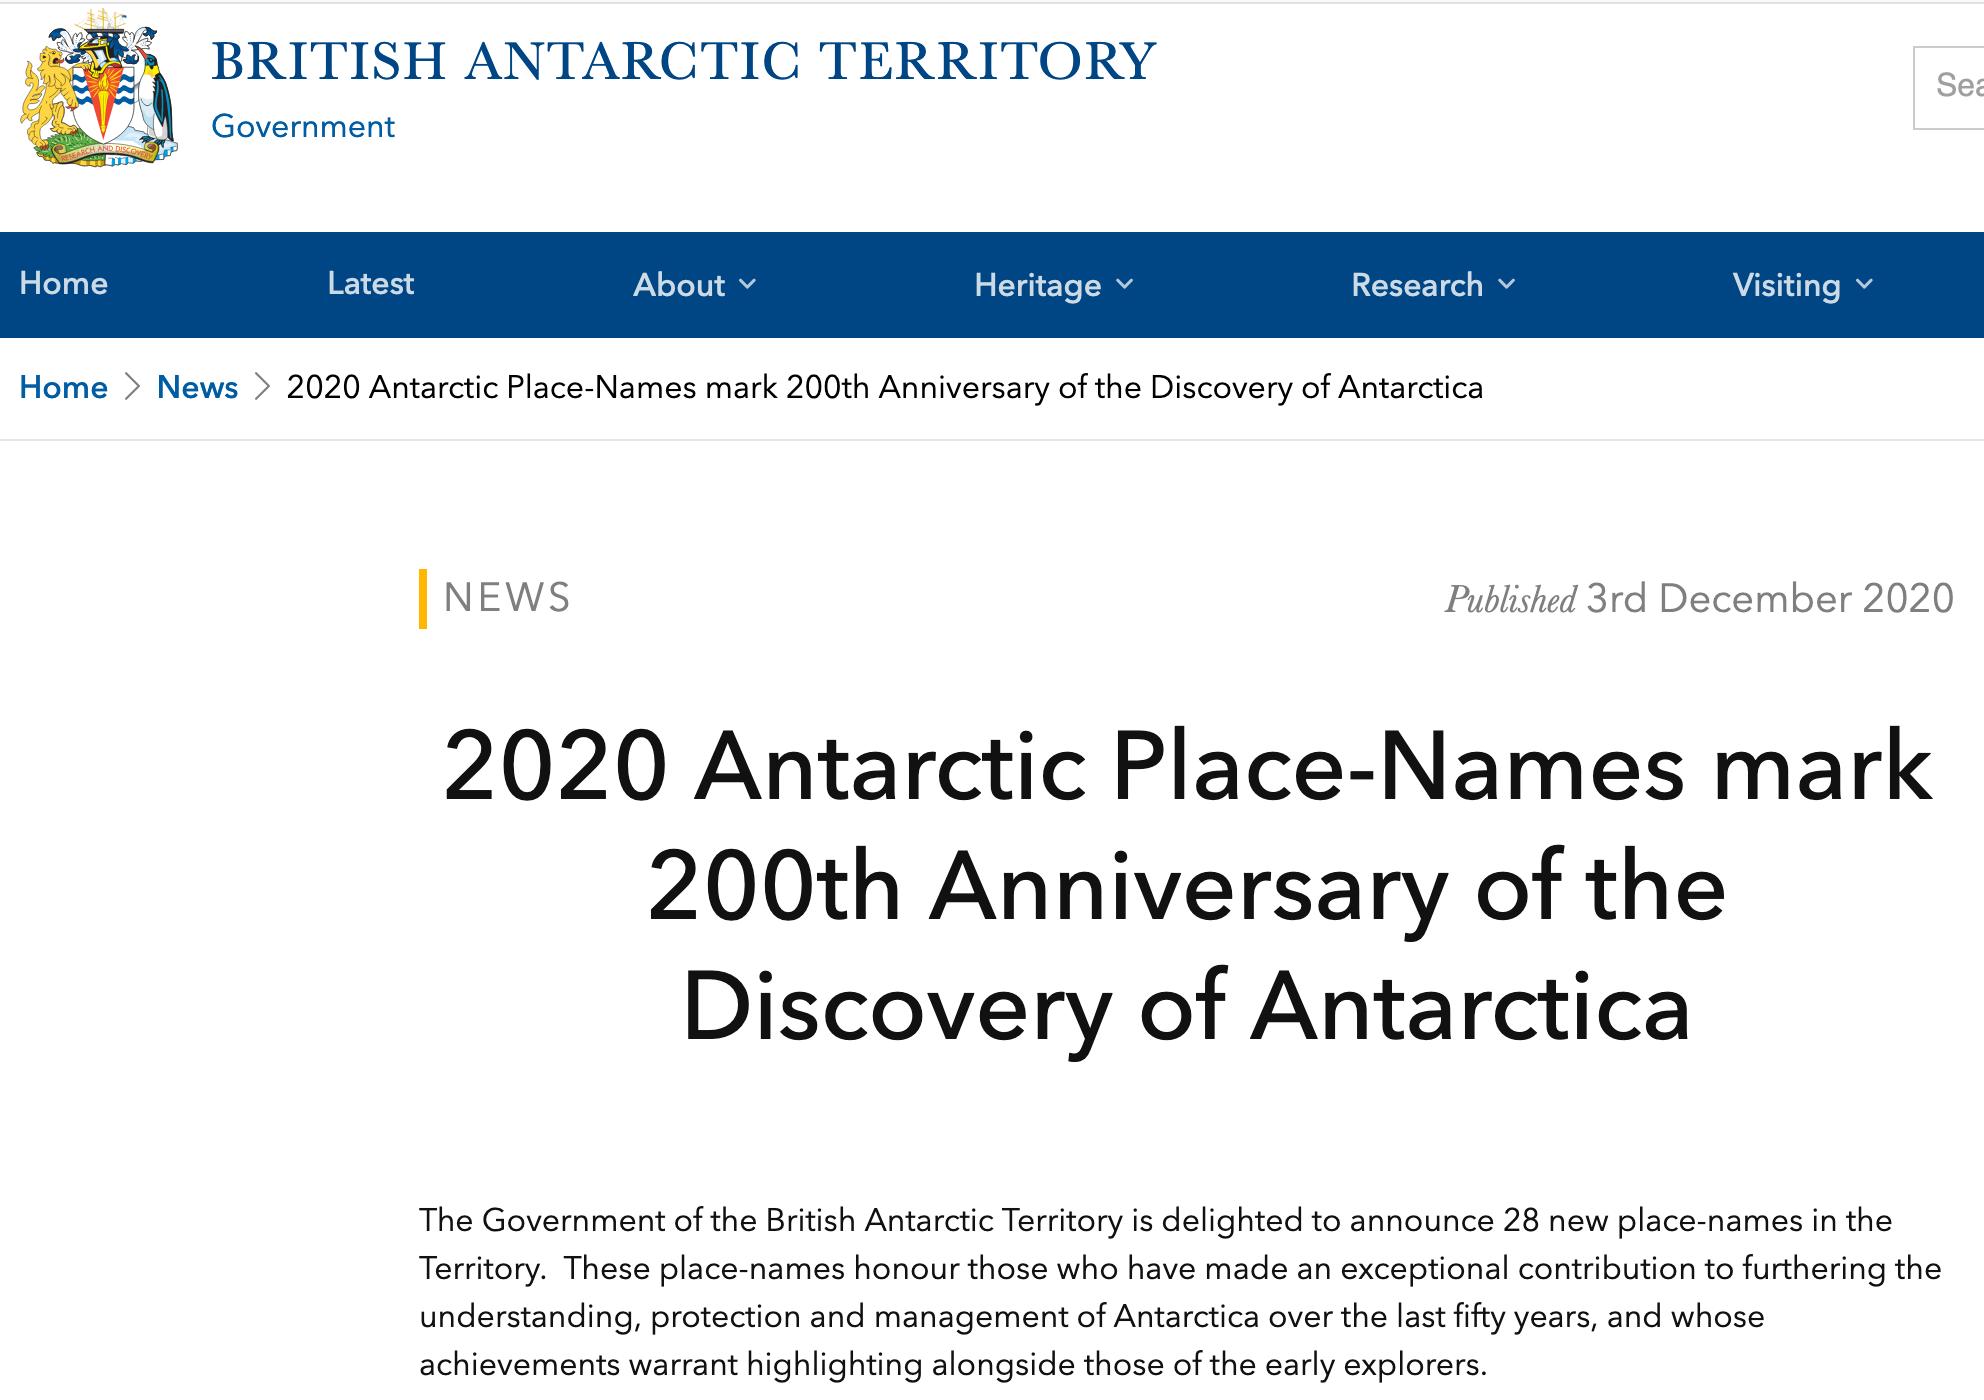 """The so called """"Government of the British Antarctic Territory"""" annonce l'opération de dénomination en l'honneur de celles et ceux, qui dans les cinquante dernières années, ont apporté une contribution exceptionnelle à la connaissance, protection et gestion de l'Antarctique, sans mentionner leur nationalité exclusivement britannique"""